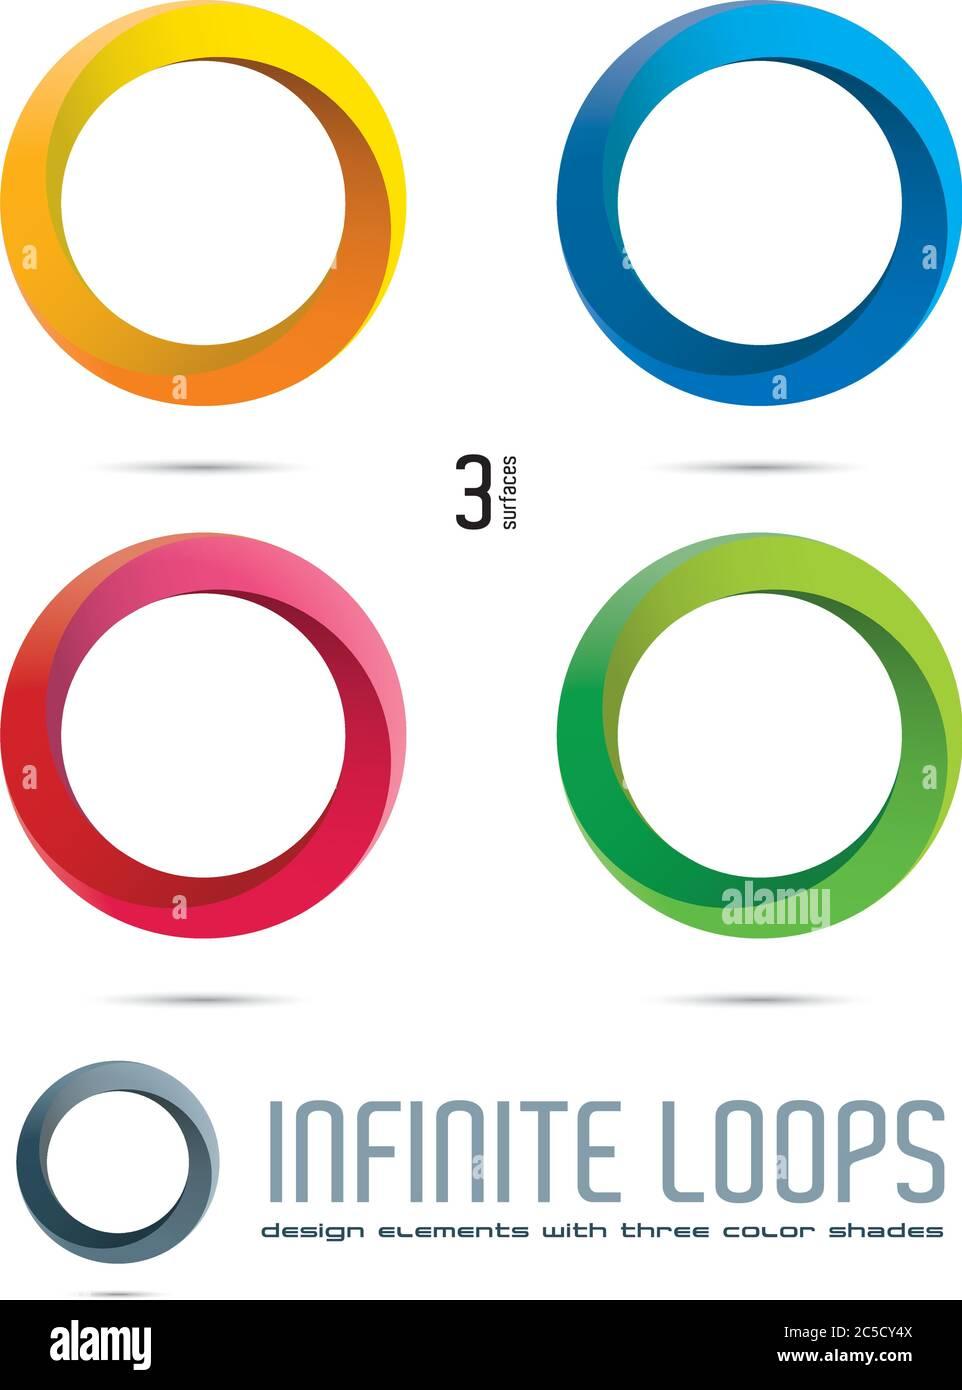 Imposible Infinite Loop Vector elementos de diseño con tres superficies y tonos de color. Fácilmente editable con muestras de color globales. Ilustración del Vector